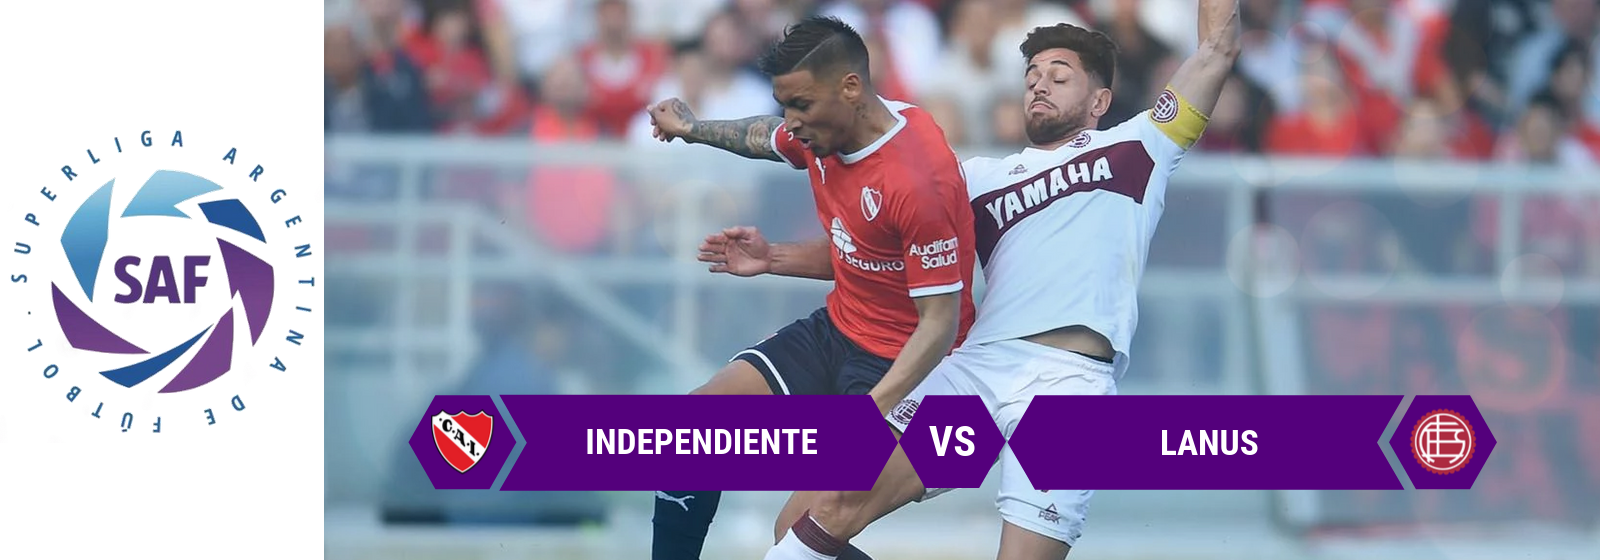 SAF Independiente Vs. Lanus Asian Connect